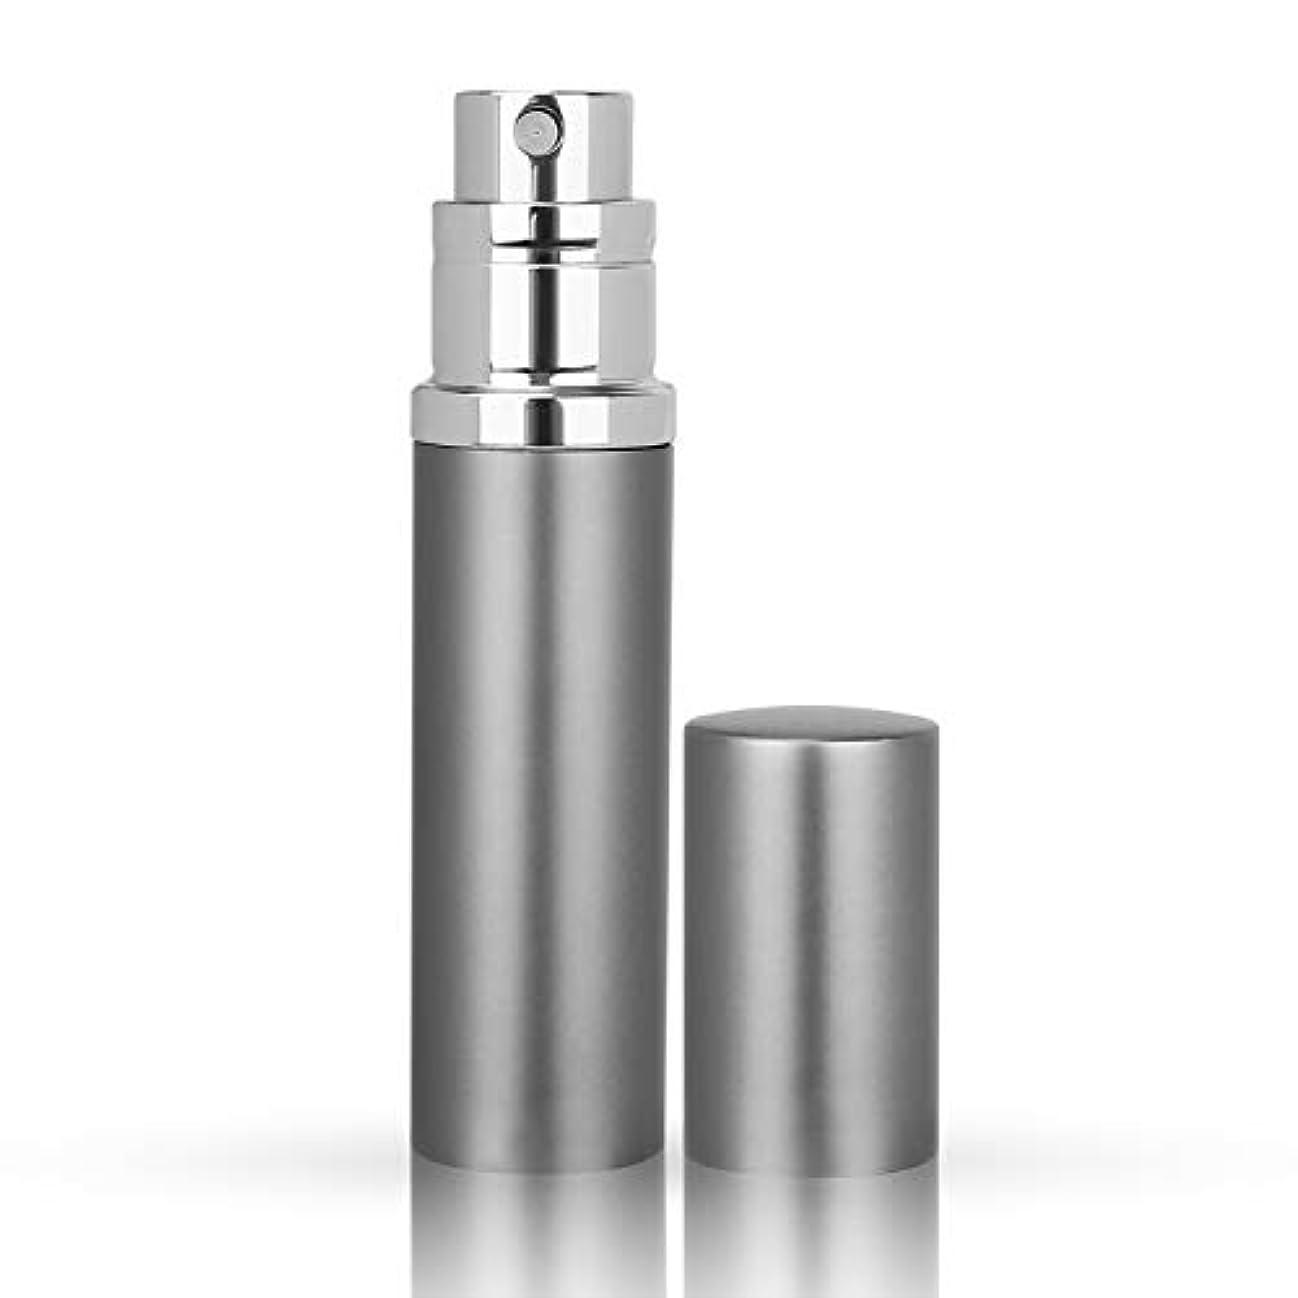 安価な甘美な除去MOOMU アトマイザー 香水スプレー 噴霧器 詰め替え容器 底部充填方式 携帯用5ml (シルバー Silver)